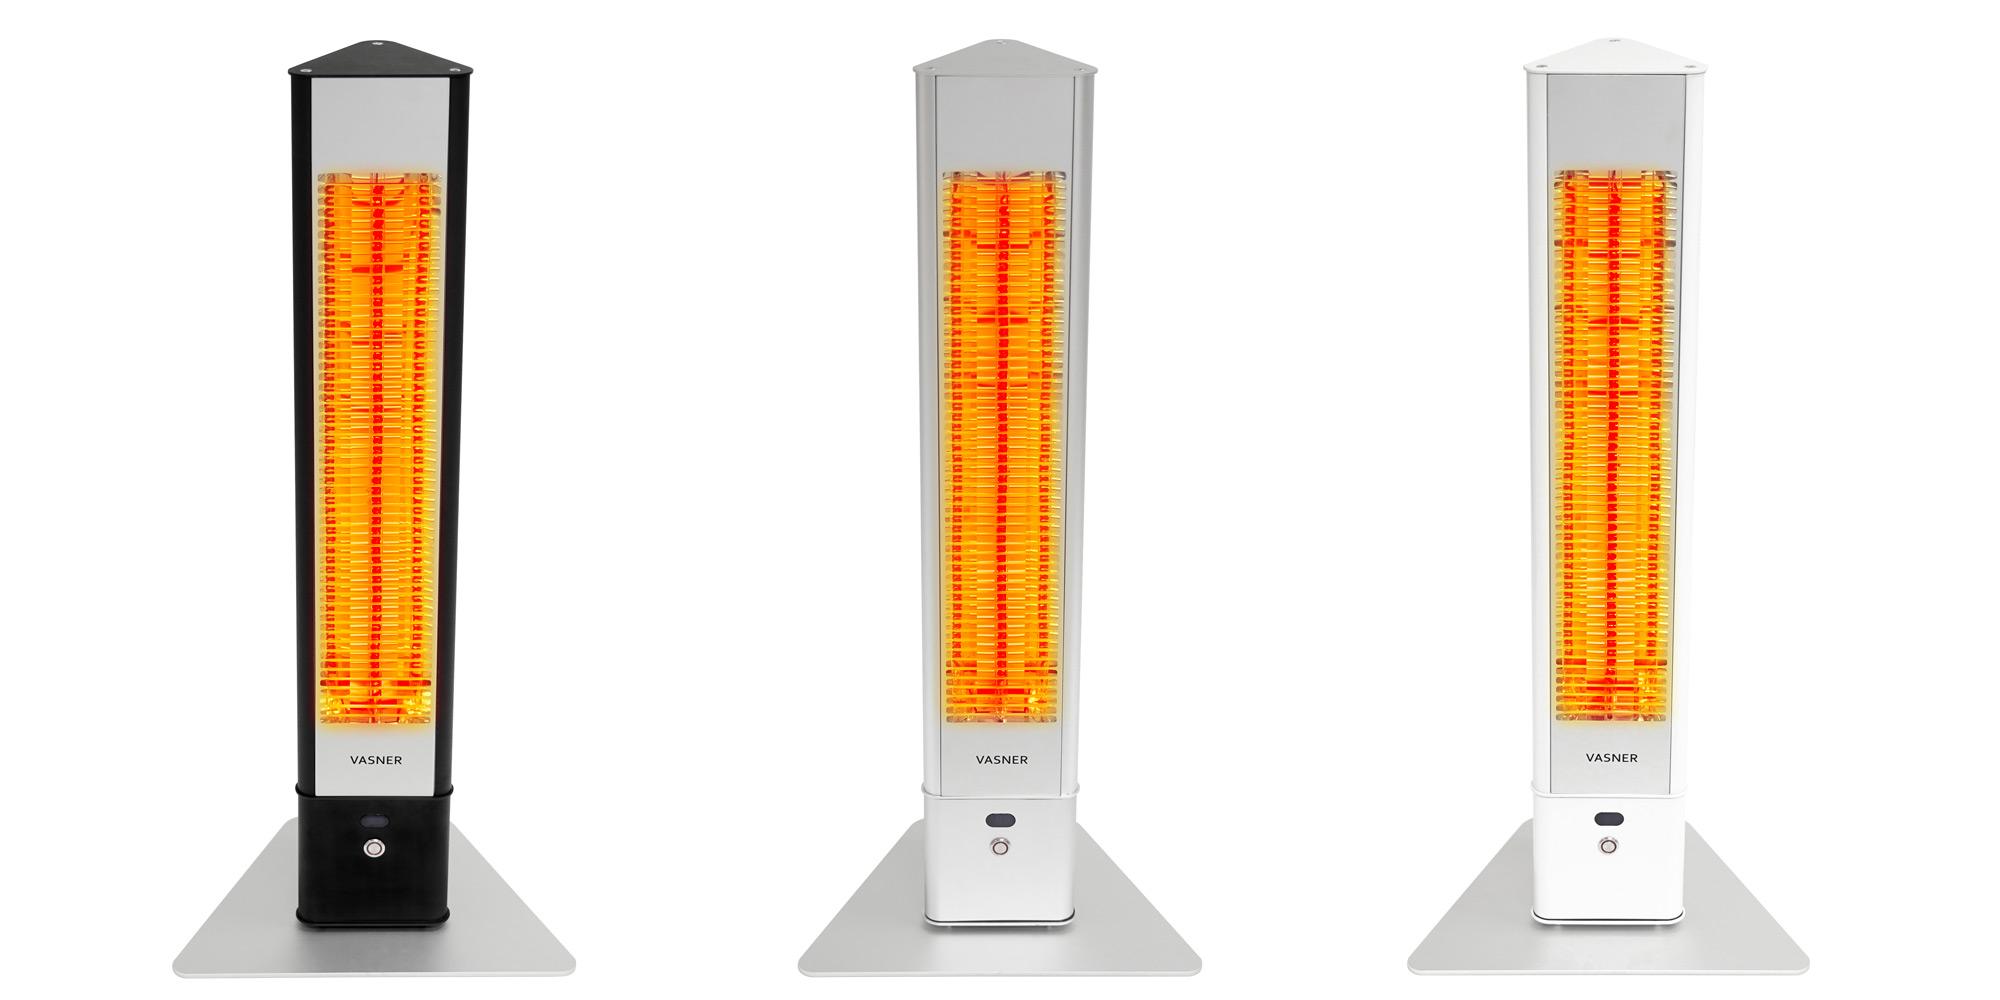 Standheizstrahler-Testsieger-HeatTower-Groessen